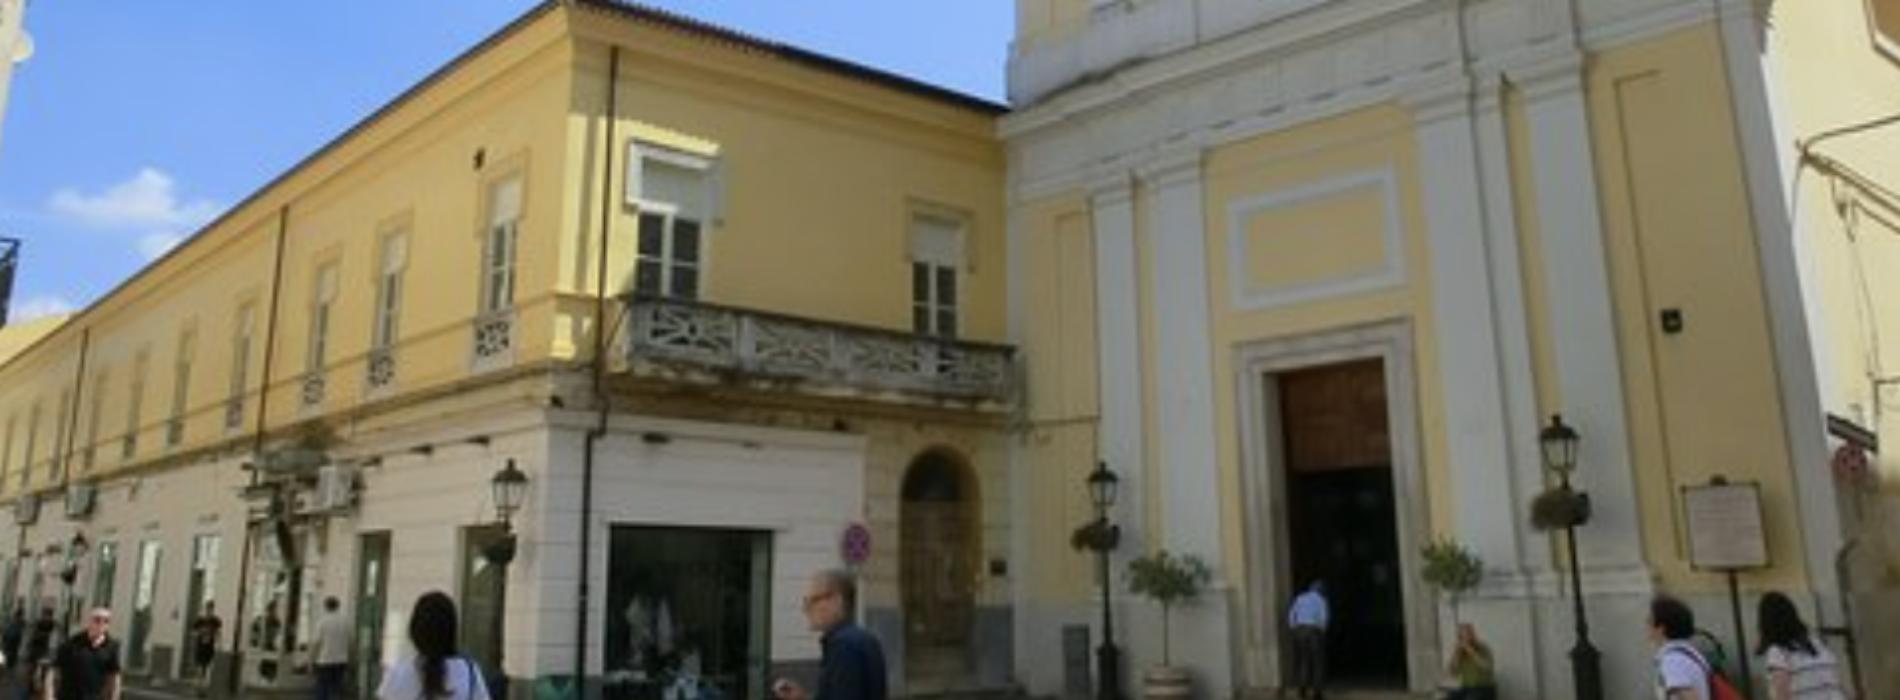 Complesso di Sant'Agostino, in futuro un fulcro per la cultura